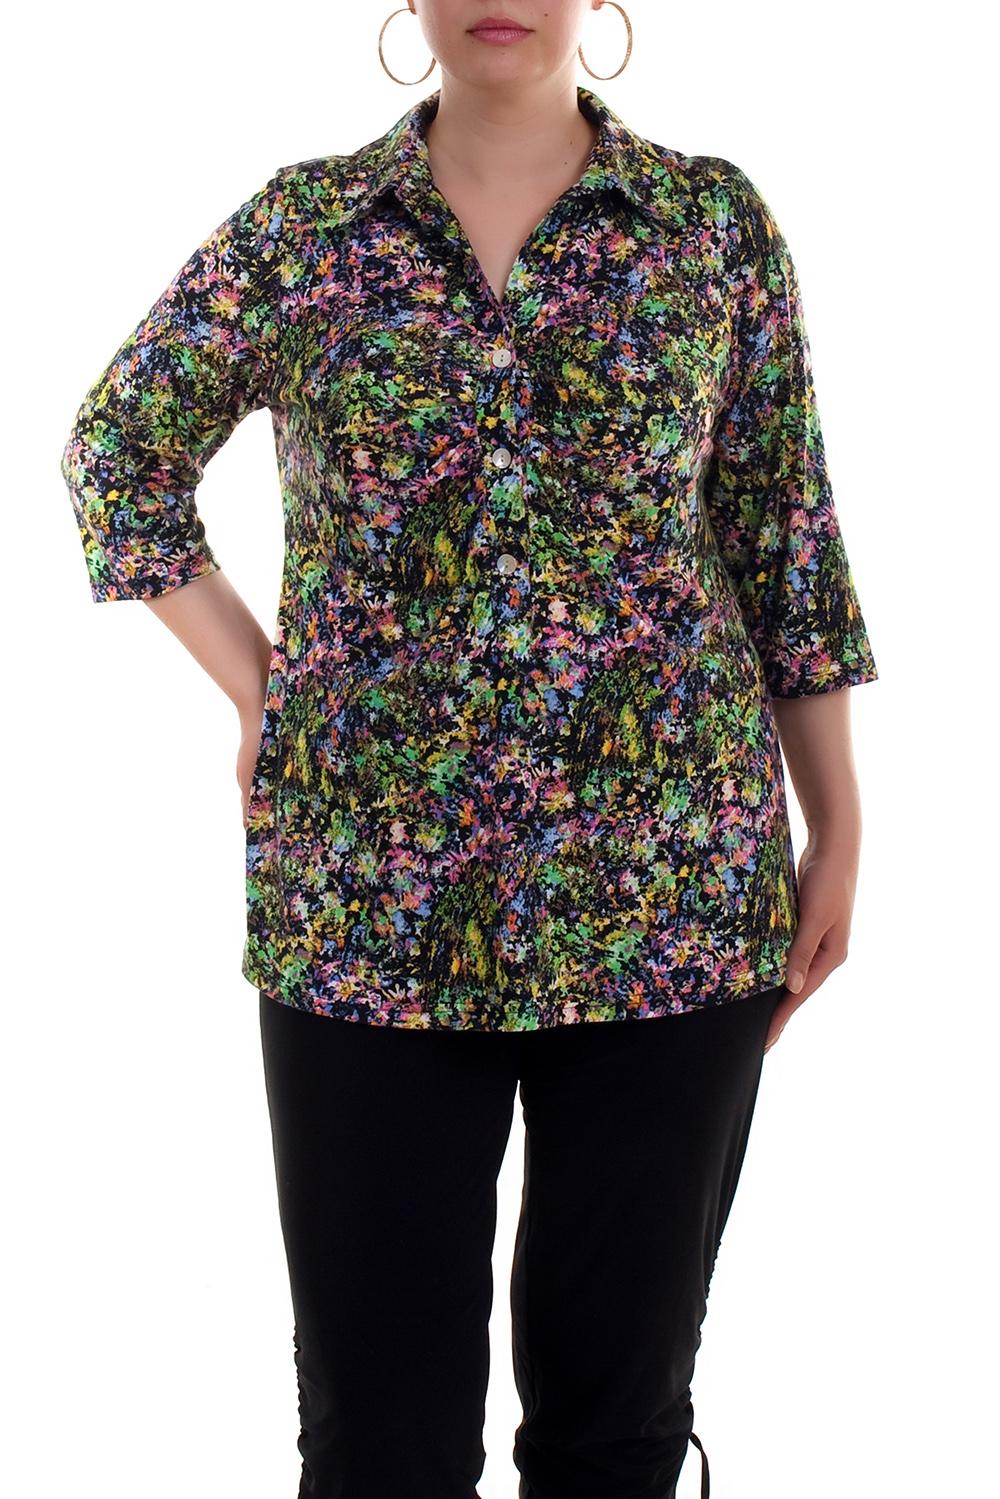 БлузкаБлузки<br>Удлиненная блузка с рубашечным воротником и рукавами 3/4. Модель выполнена из приятного материала. Отличный выбор для любого случая.  Цвет: зеленый, розовый, фиолетовый  Рост девушки-фотомодели 173 см<br><br>Воротник: Рубашечный<br>Застежка: С пуговицами<br>По материалу: Вискоза,Трикотаж<br>По образу: Город,Свидание<br>По рисунку: Растительные мотивы,Цветные,Цветочные<br>По сезону: Весна,Всесезон,Зима,Лето,Осень<br>По силуэту: Полуприталенные<br>По стилю: Повседневный стиль<br>Рукав: Рукав три четверти<br>Размер : 52<br>Материал: Трикотаж<br>Количество в наличии: 2